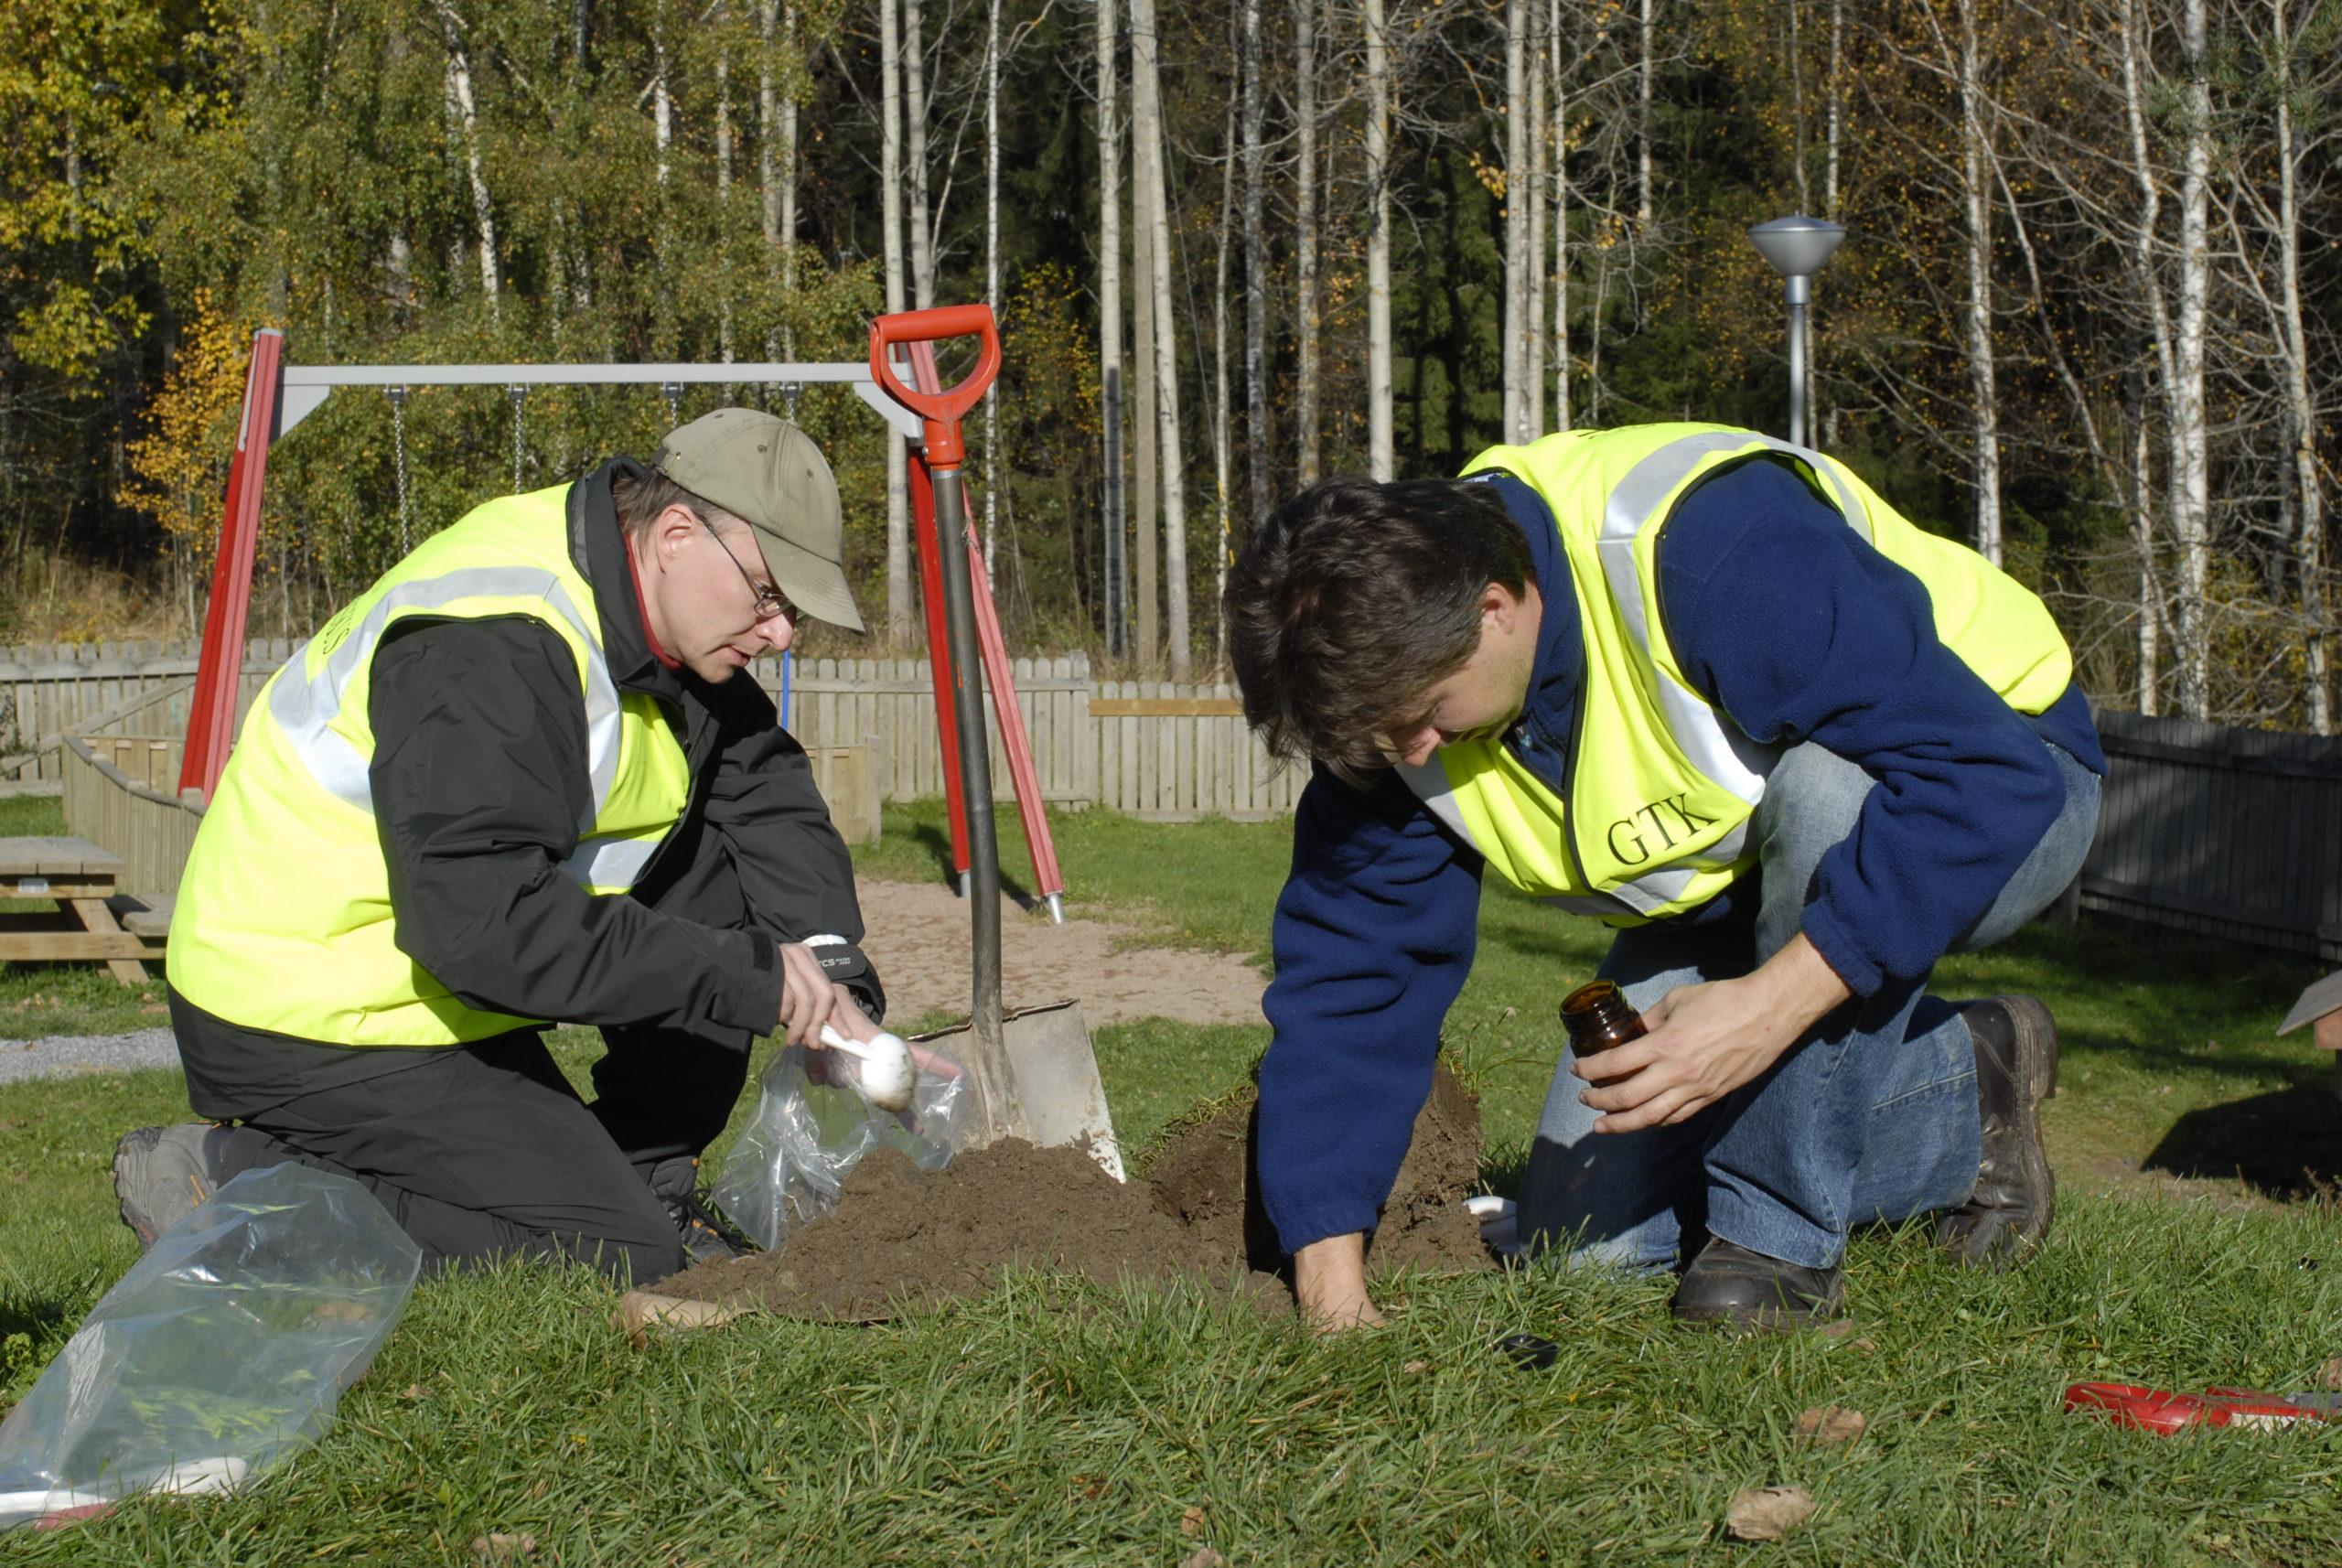 GTK:n tutkijat keräämässä maaperänäytteitä päiväkodin piha-alueella Nokialla.